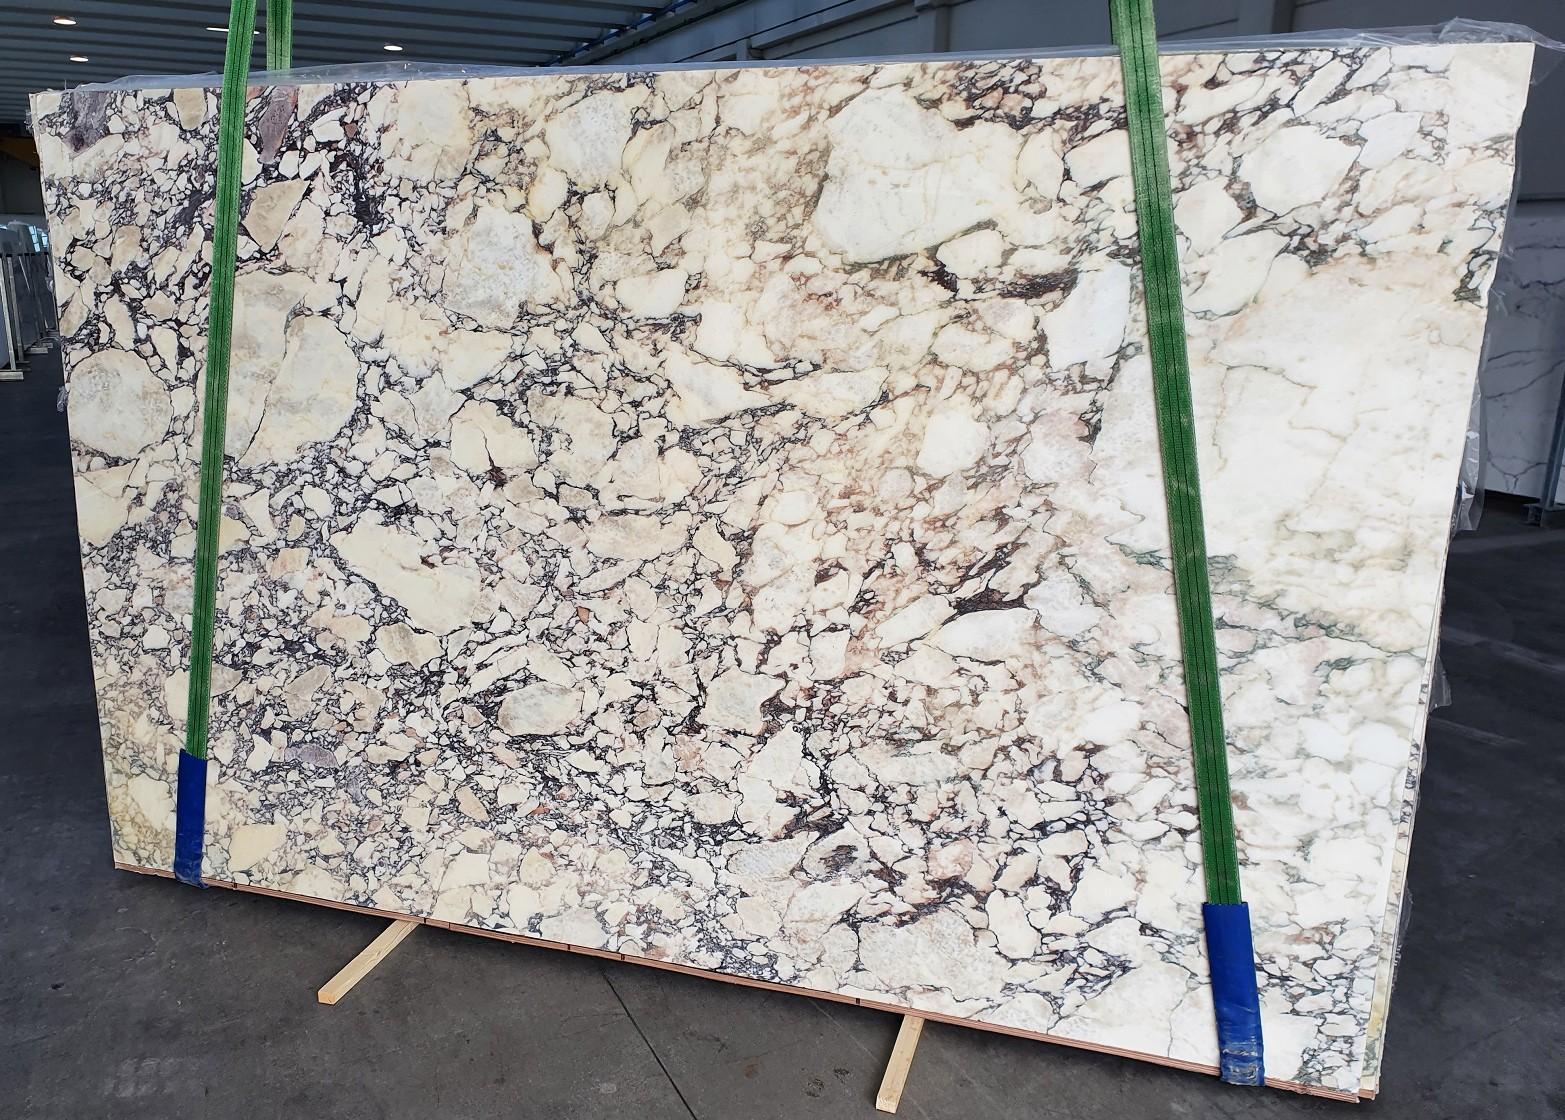 CALACATTA VIOLA Suministro Veneto (Italia) de planchas pulidas en mármol natural 1291 , Slab #18